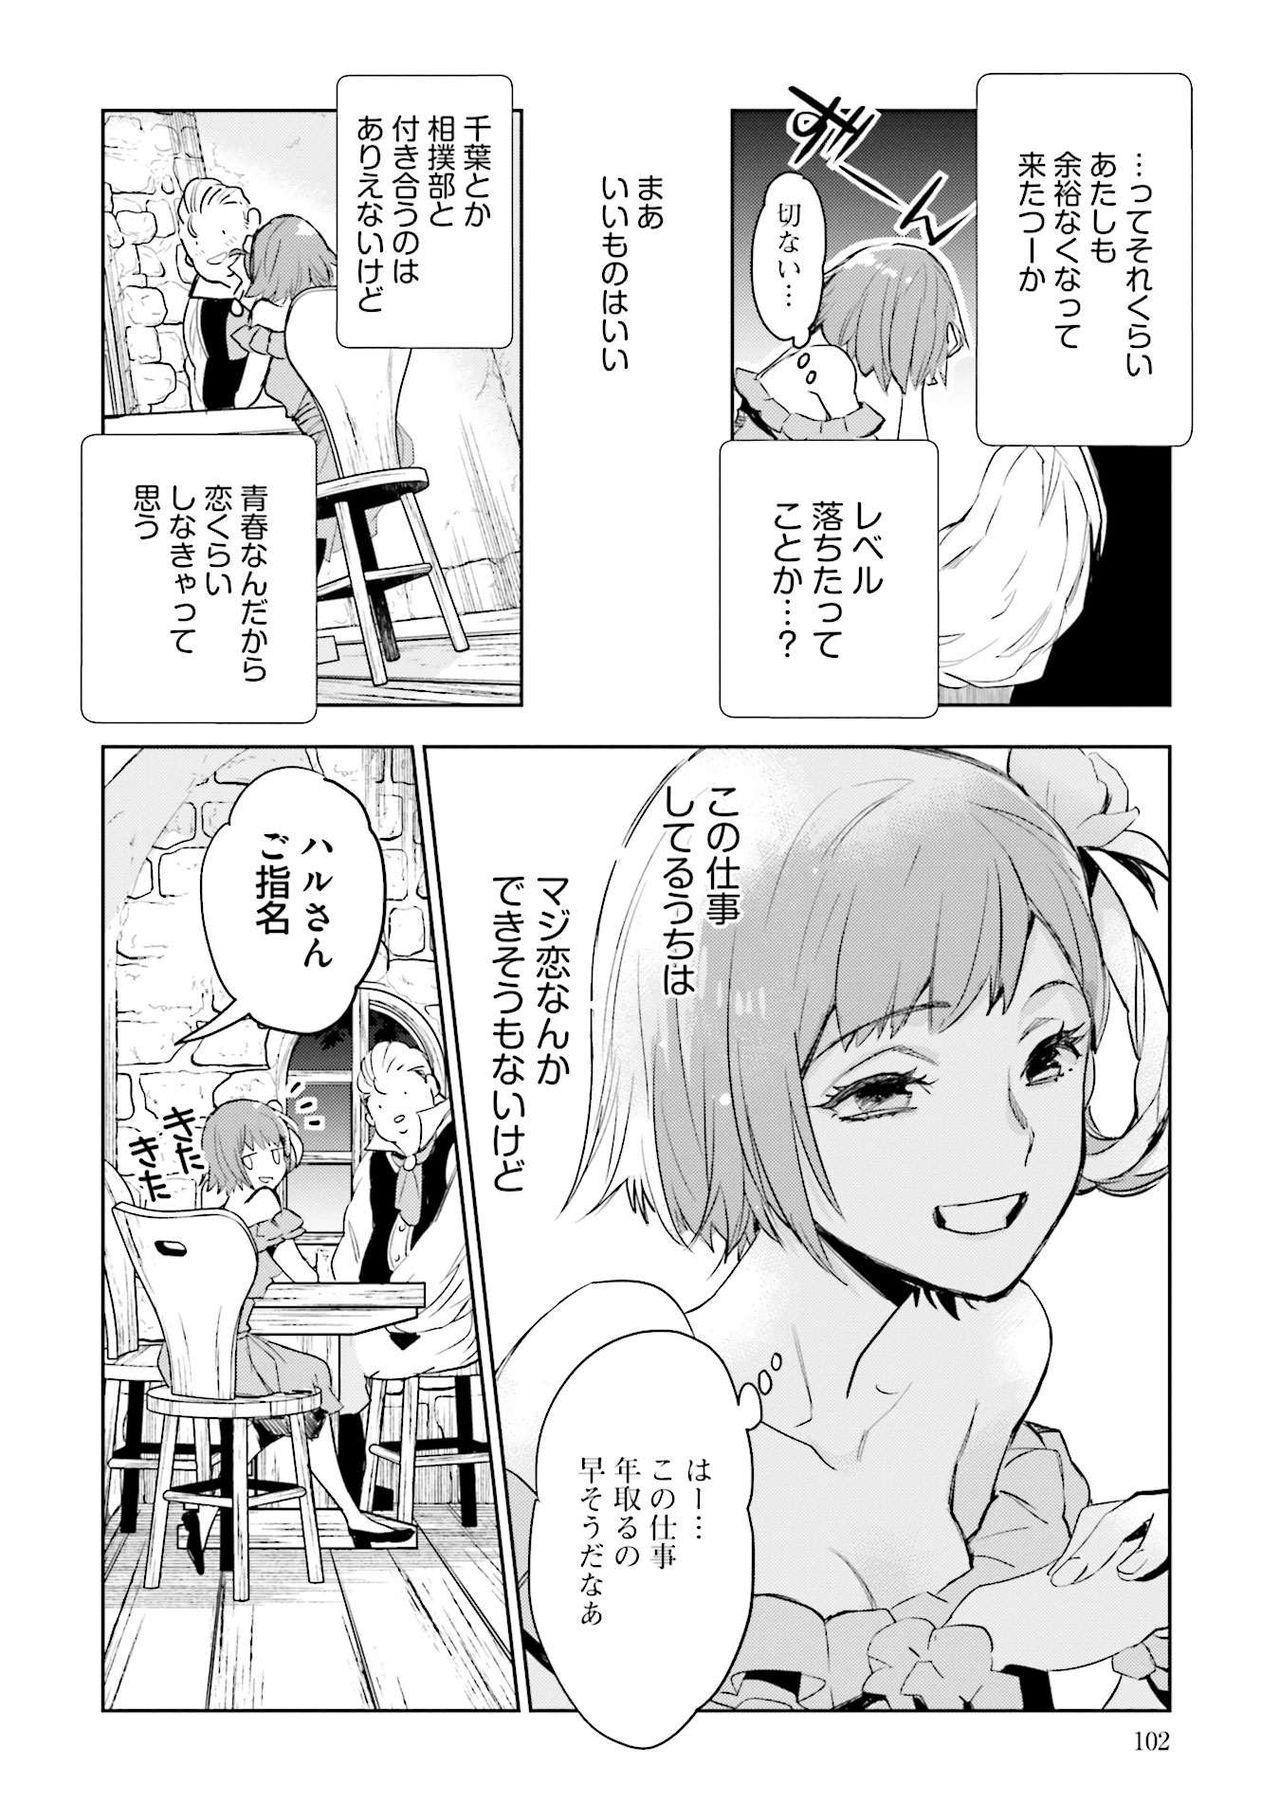 JK Haru wa Isekai de Shoufu ni Natta 1-14 103